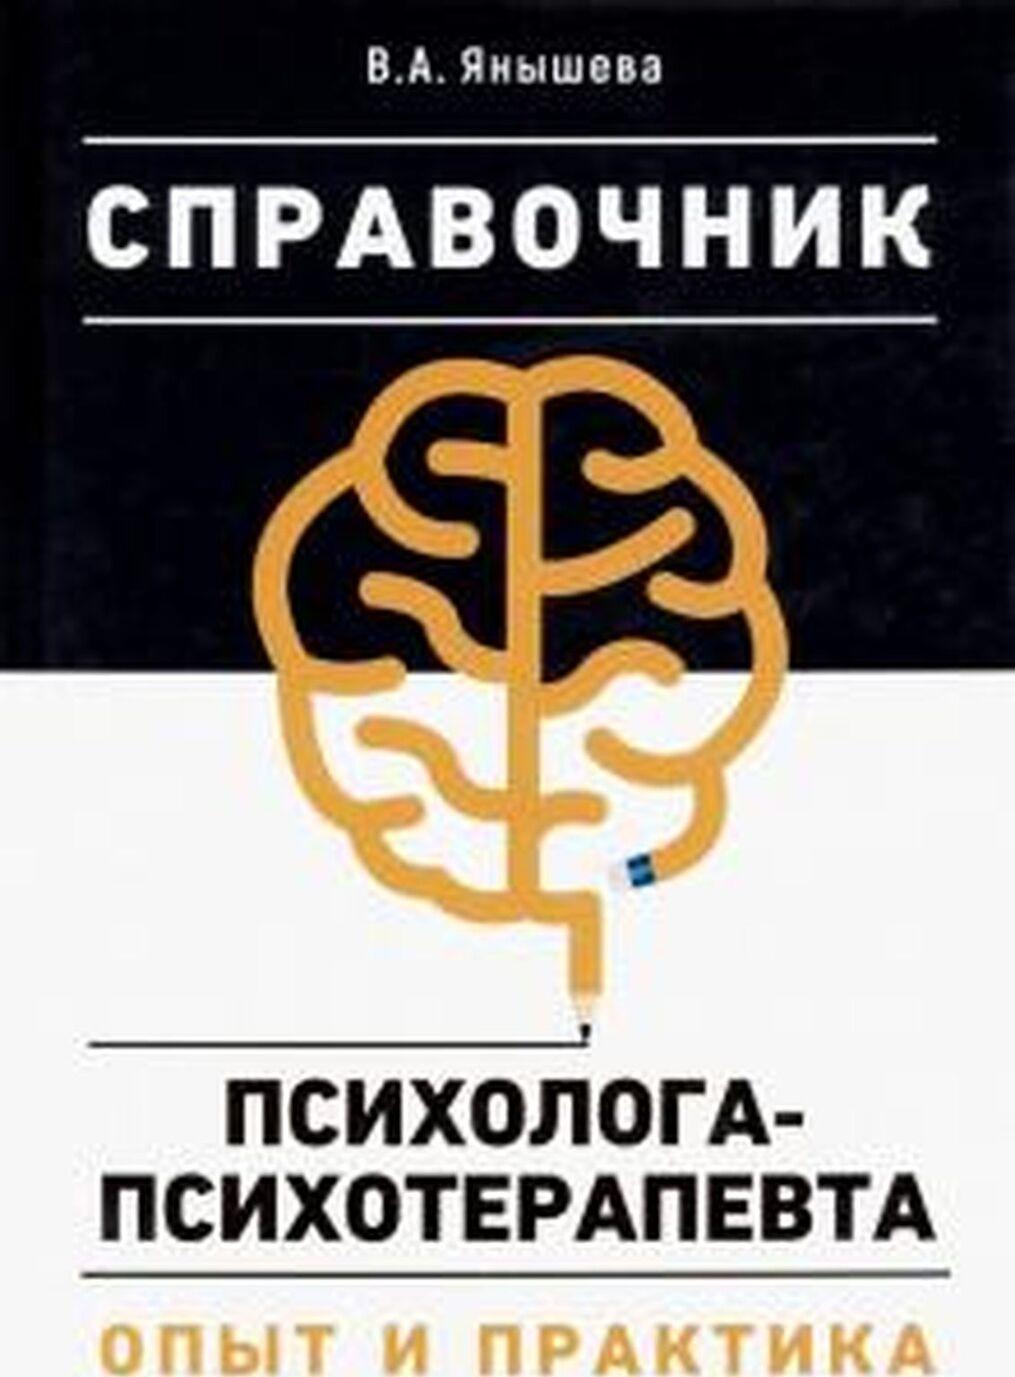 Spravochnik psikhologa-psikhoterapevta. Opyt i praktika | Janysheva Vera Aleksandrovna